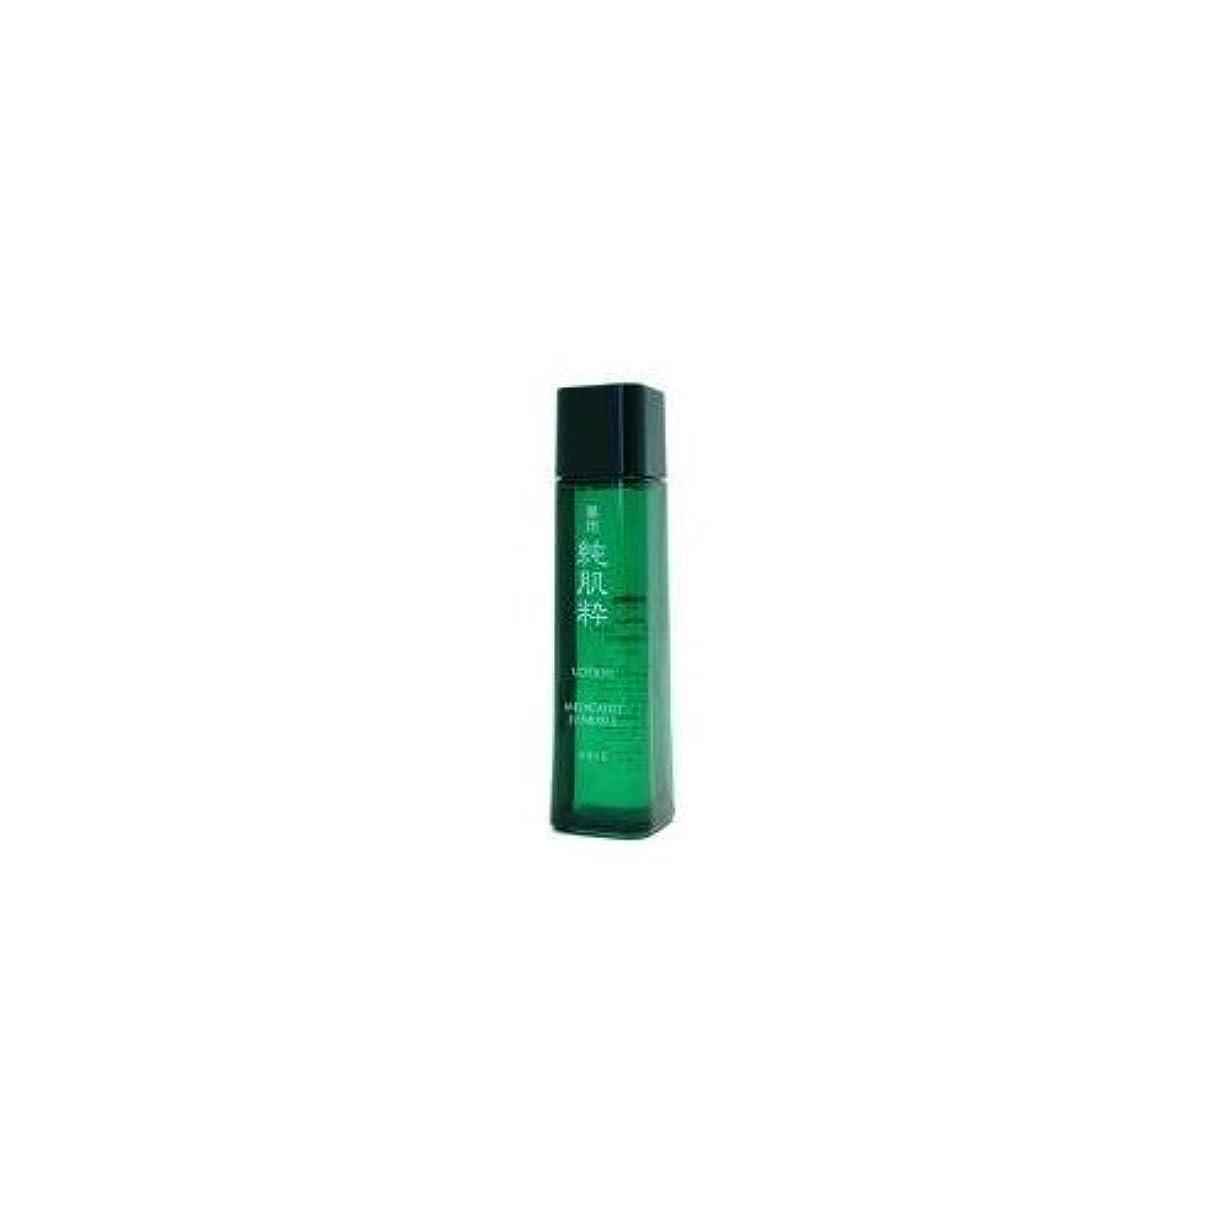 構成するストリップライムコーセー 薬用 純肌粋 化粧水 150ml